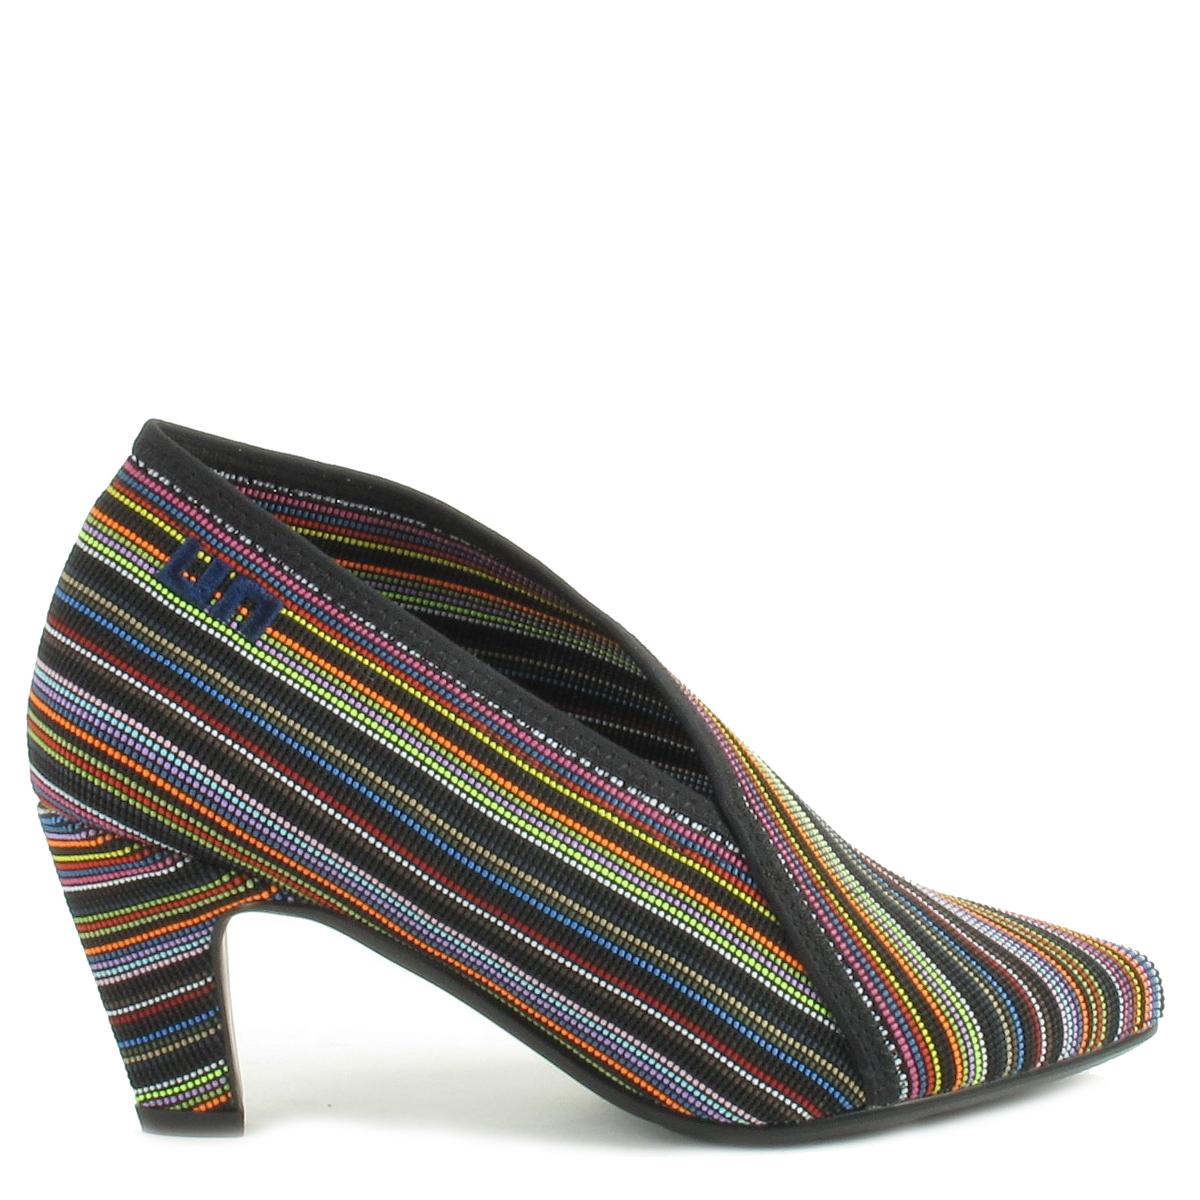 Chaussures De Sport À Faible Frêne Noir Lolita j5Uo4VnoS4